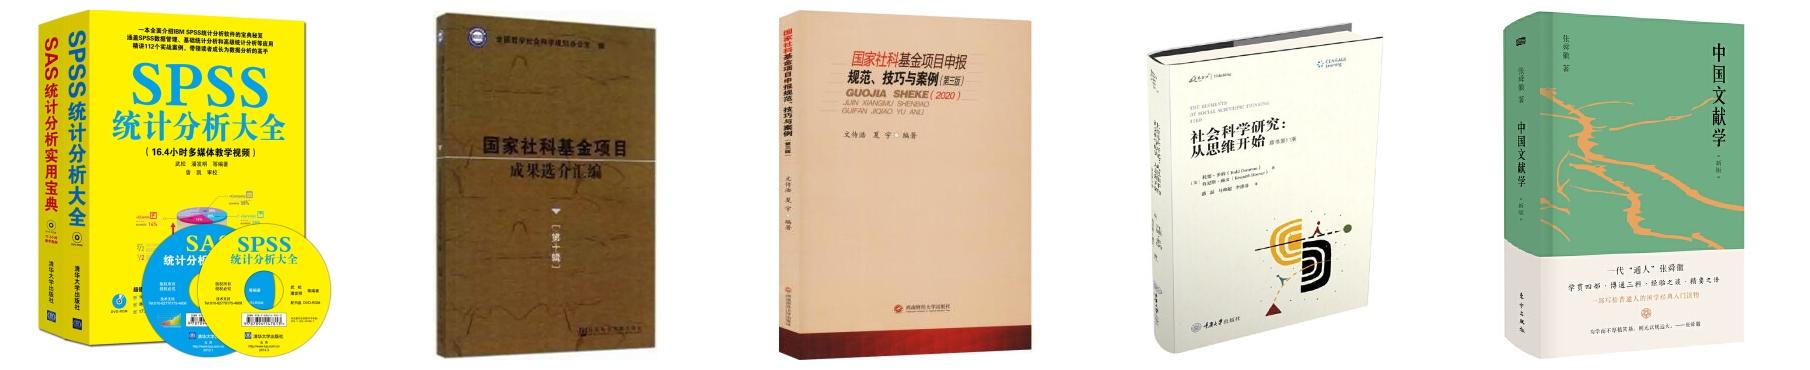 书籍1.jpg